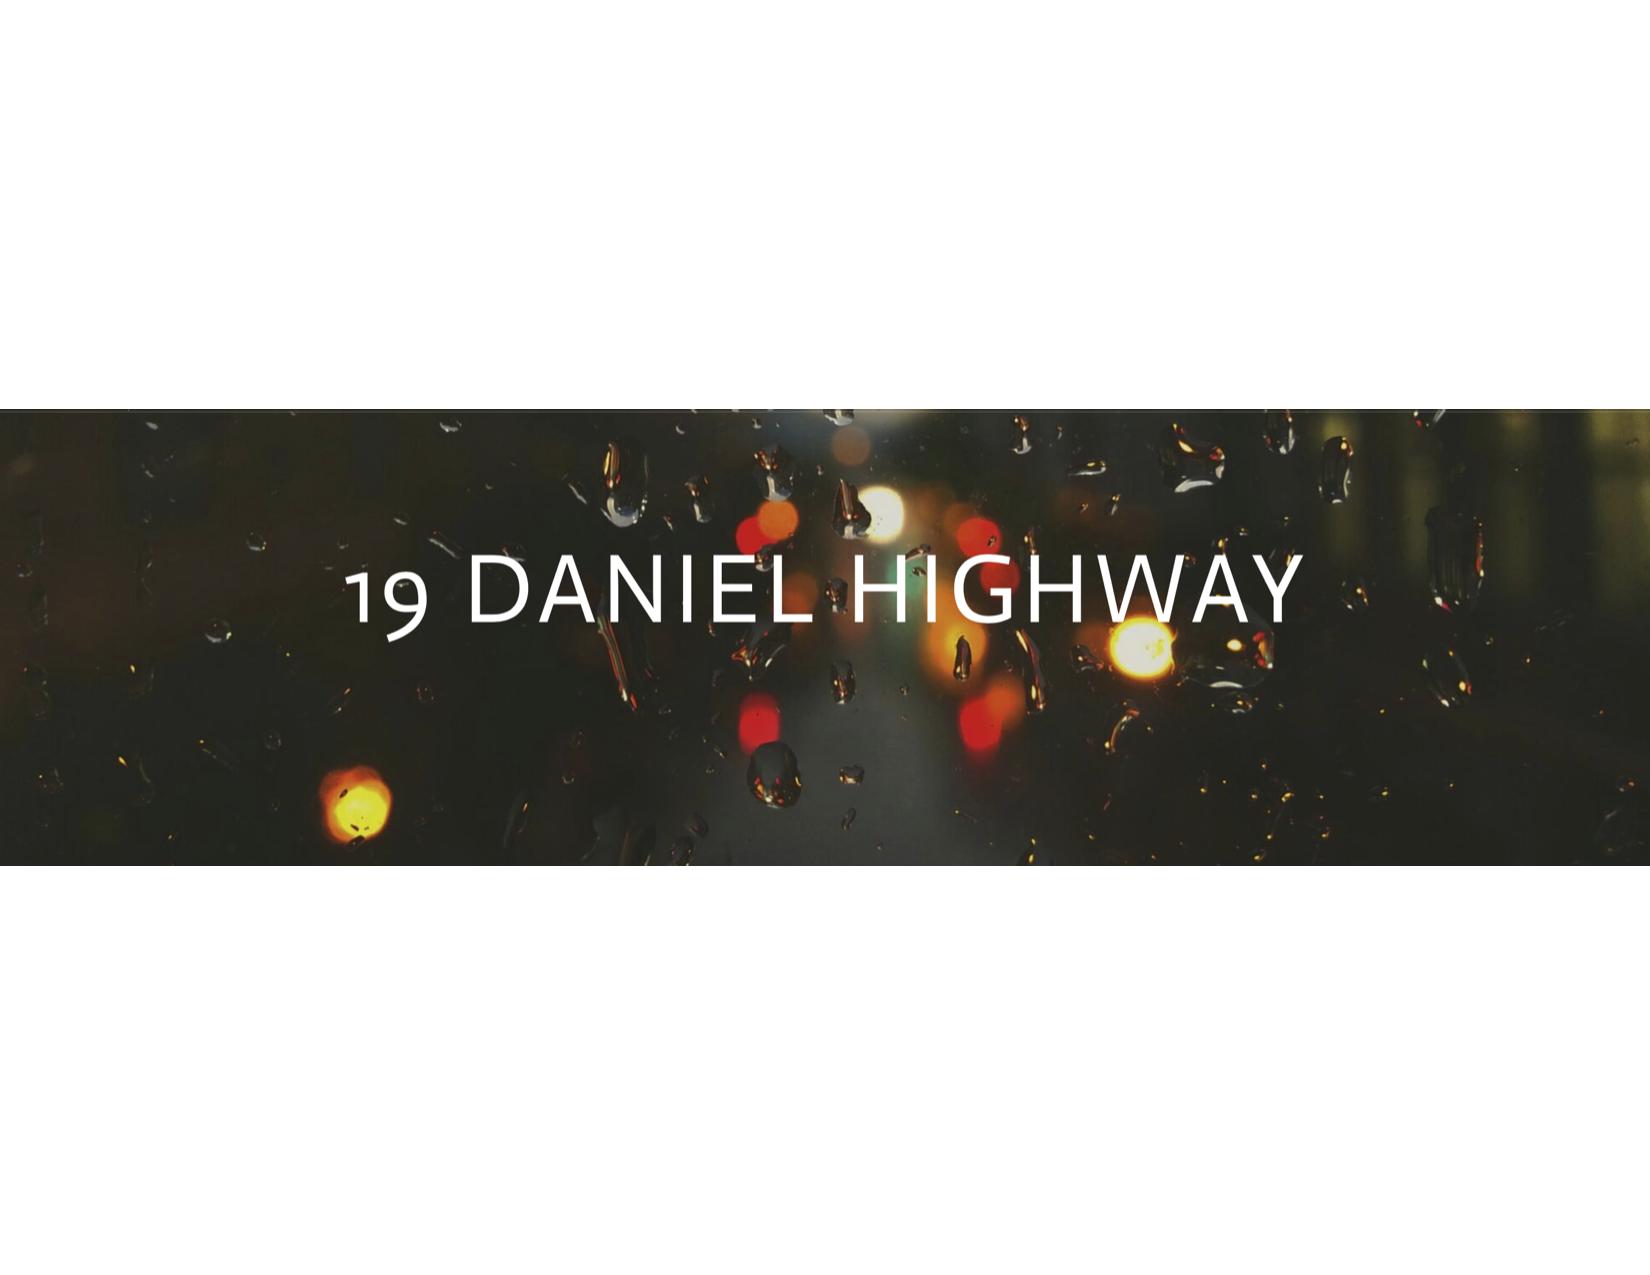 19_Daniel_Highway_Pic-2.png